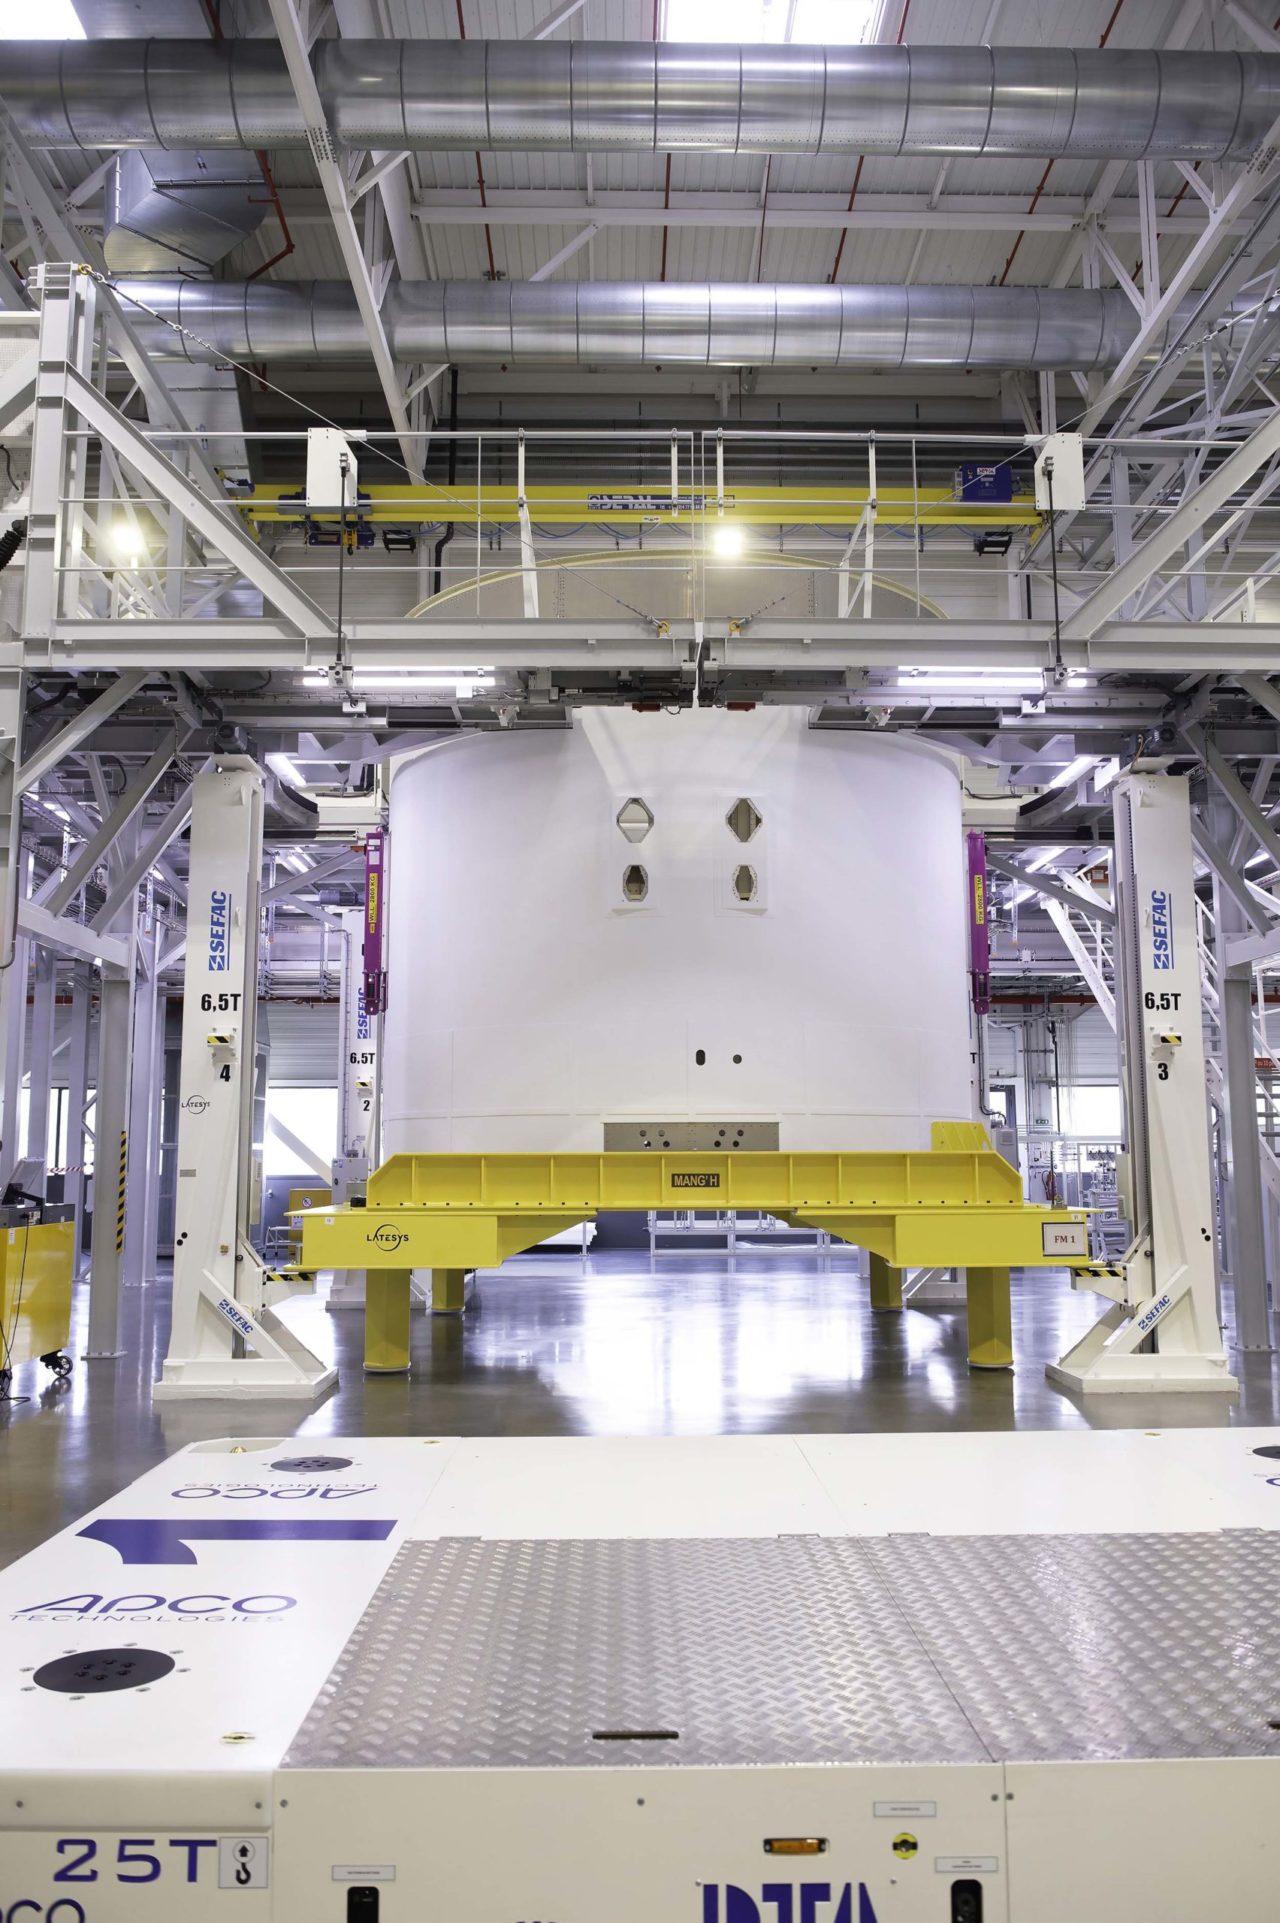 Mit der Lieferung des VuABs schreitet das Projekt Ariane 6 voran und rückt seinem Ziel näher.